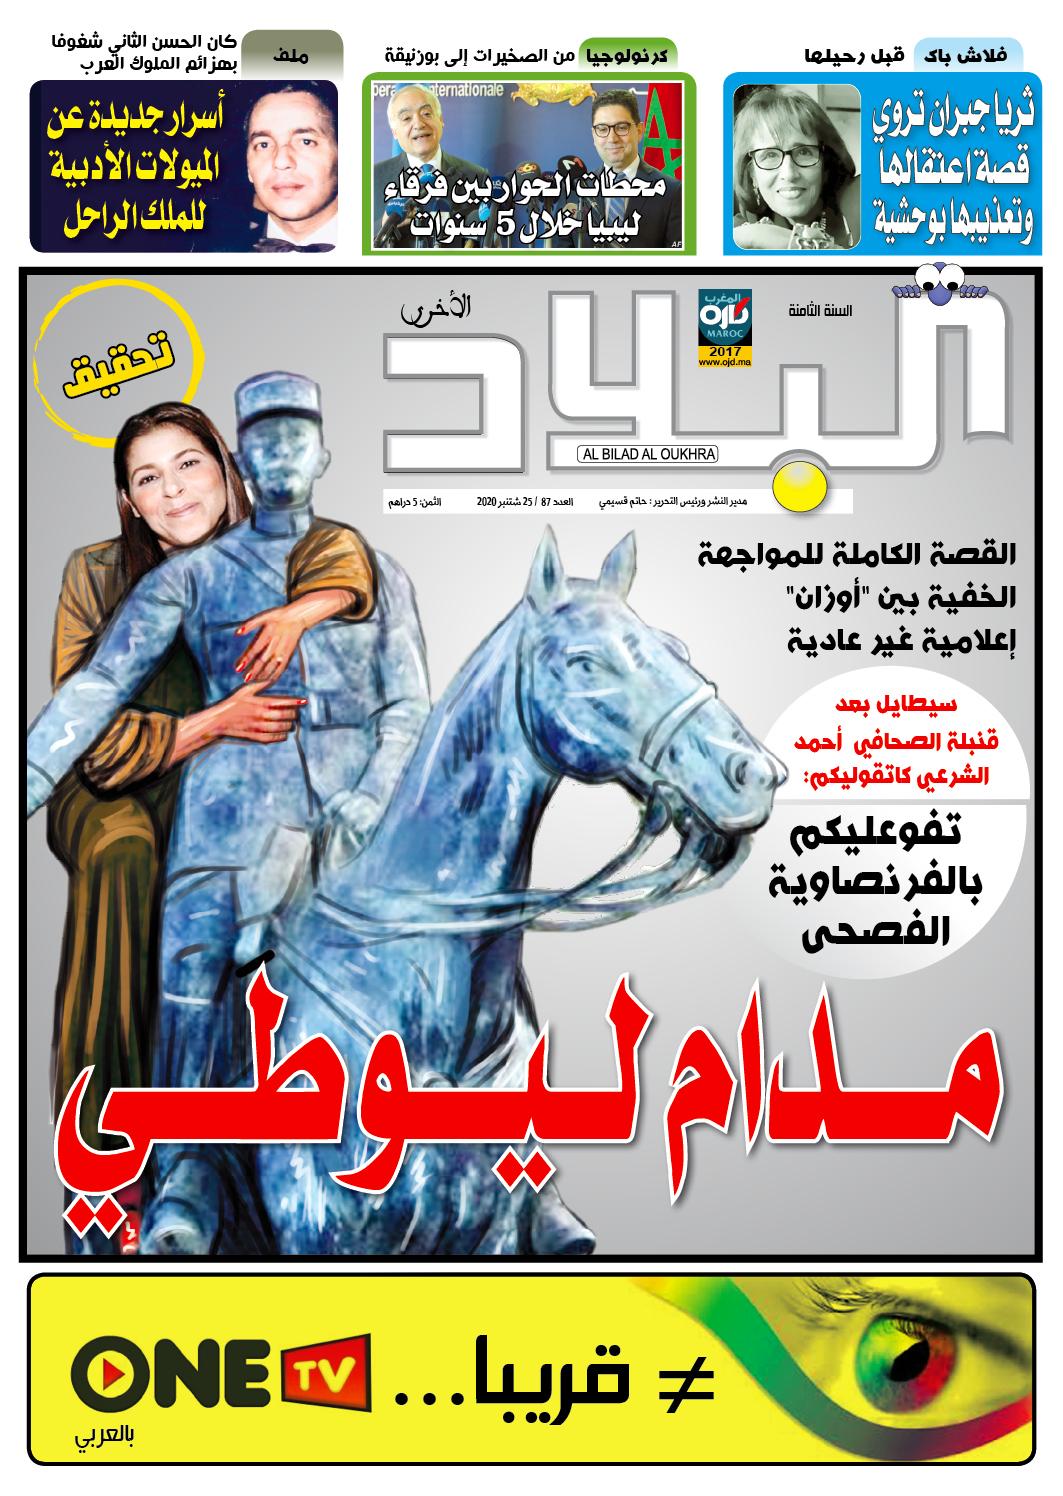 """حالة الطوارئ الصحية بالمغرب… حمل وتابع العدد الجديد (87) من صحيفة """"البلاد الأخرى"""" بصيغة pdf"""